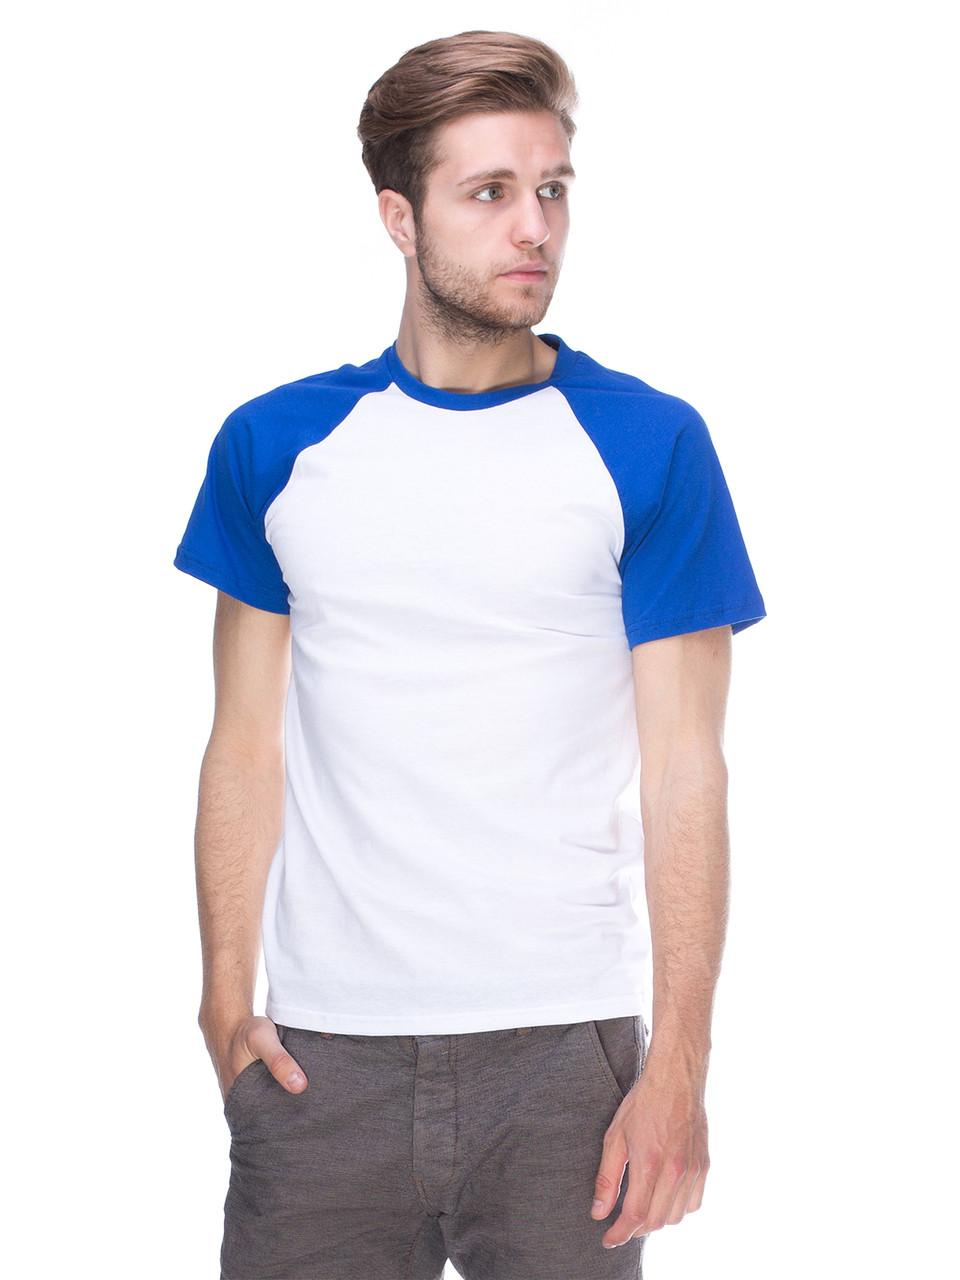 Футболка чоловіча реглан, біло синій